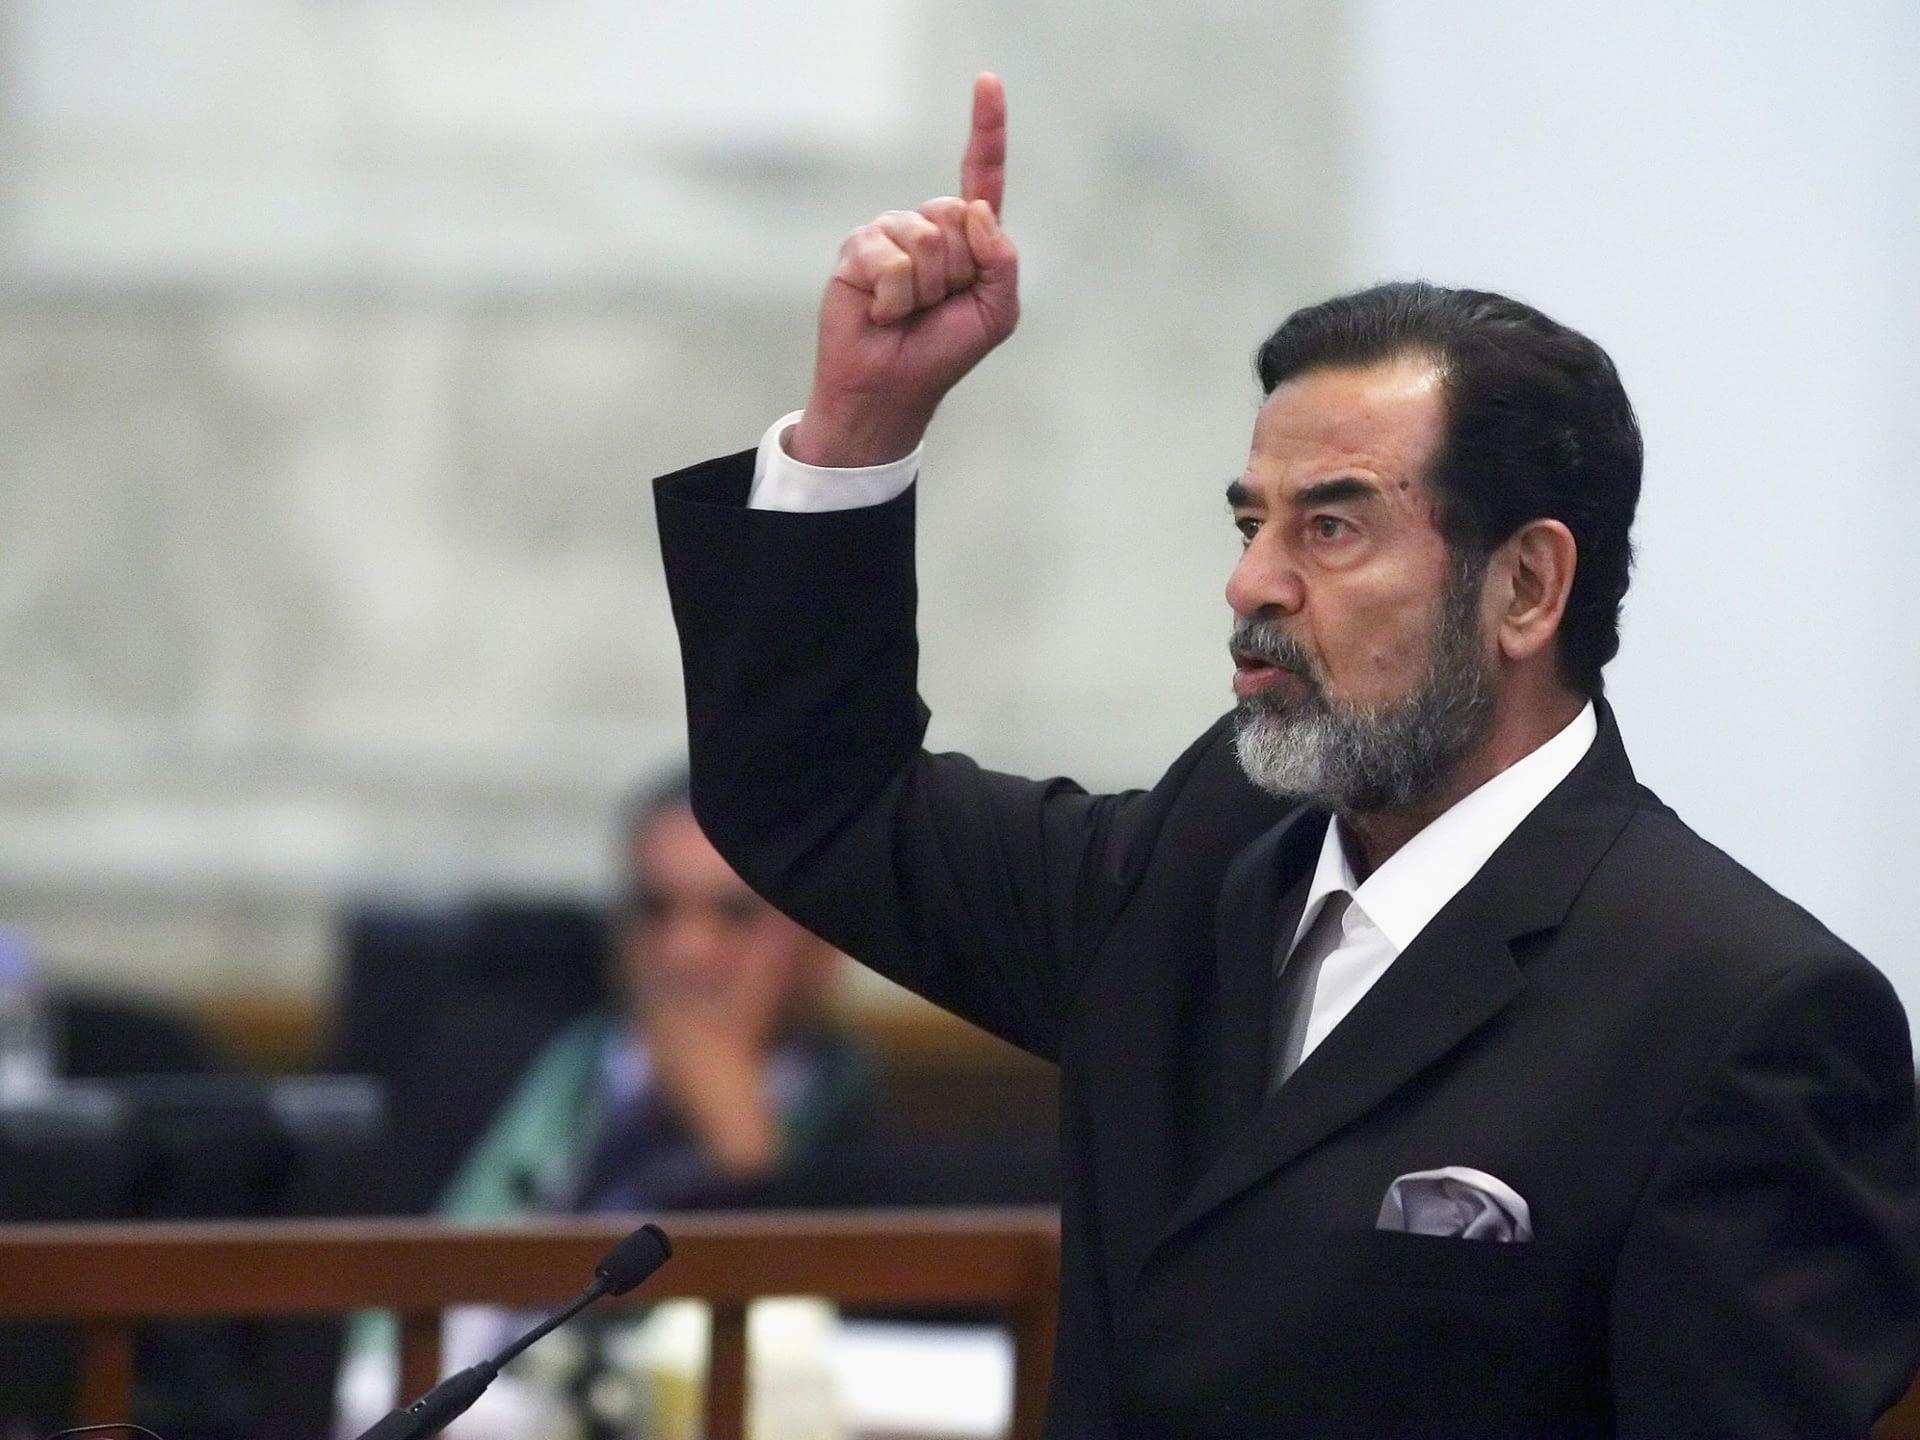 مفاجأة.. صدام حسين يتواجد في عزاء القاضي الذي حاكمه وردود فعل غاضبة (شاهد)